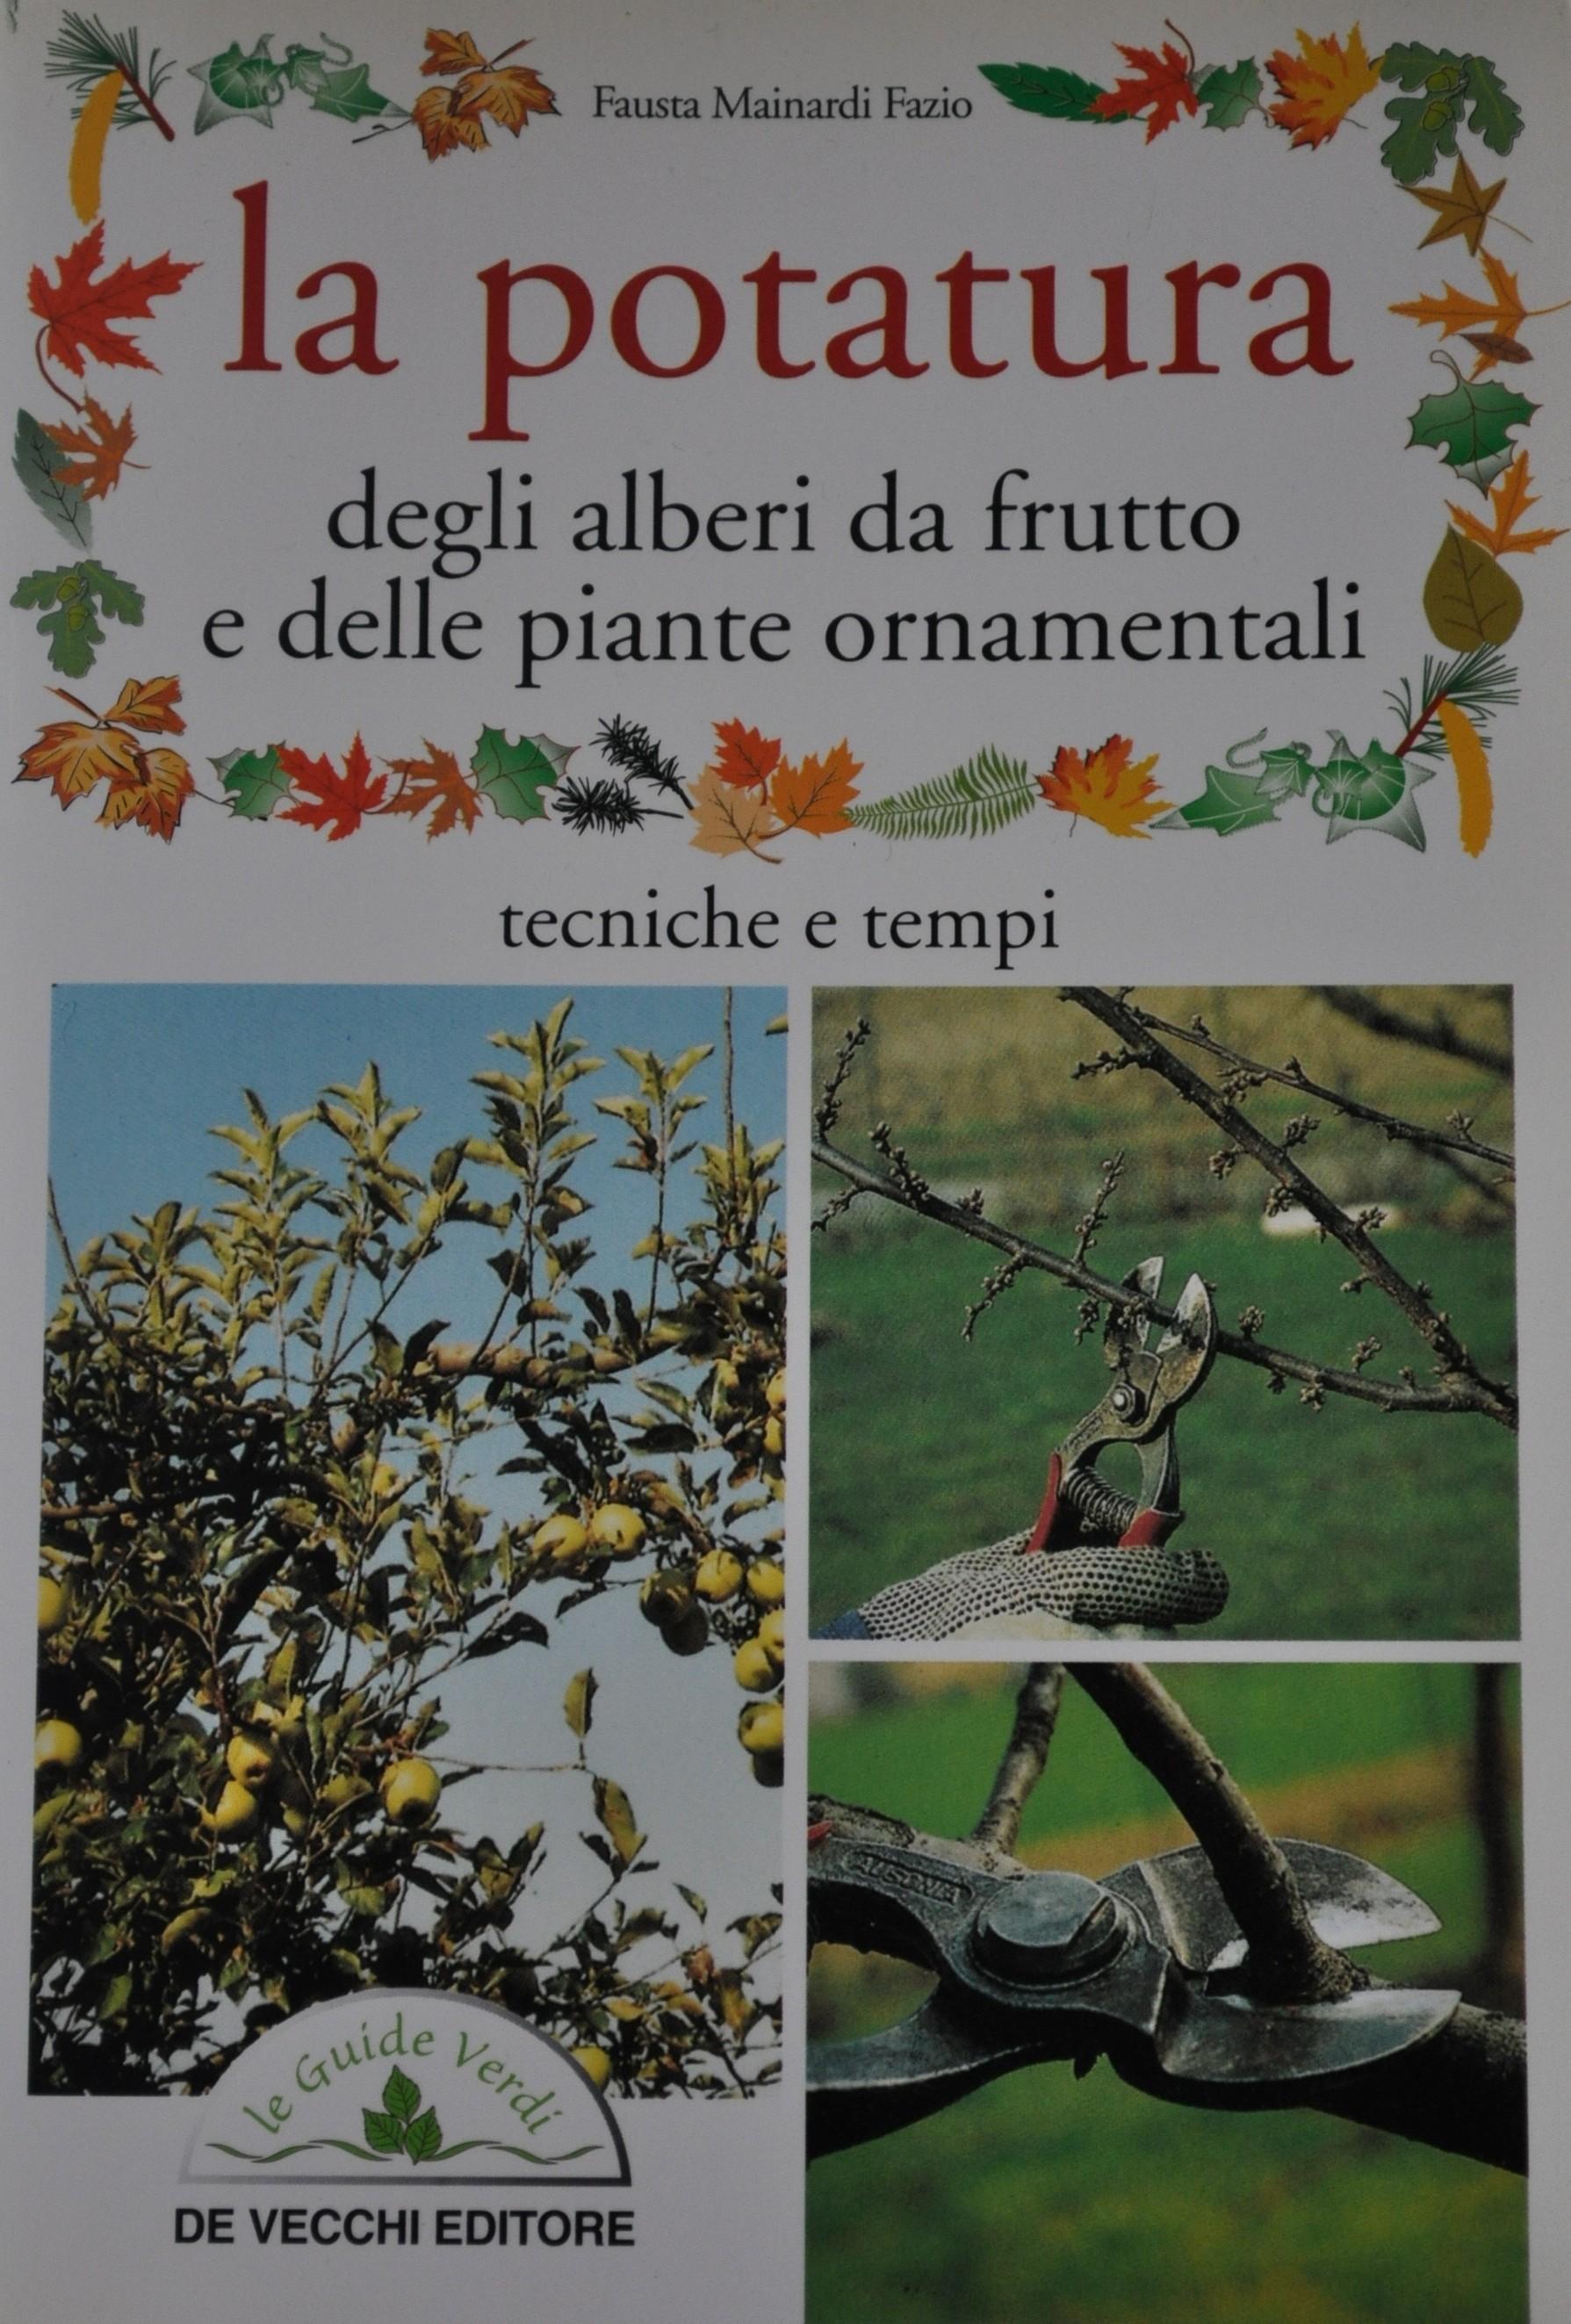 La potatura degli alberi da frutto e delle piante ornamentali